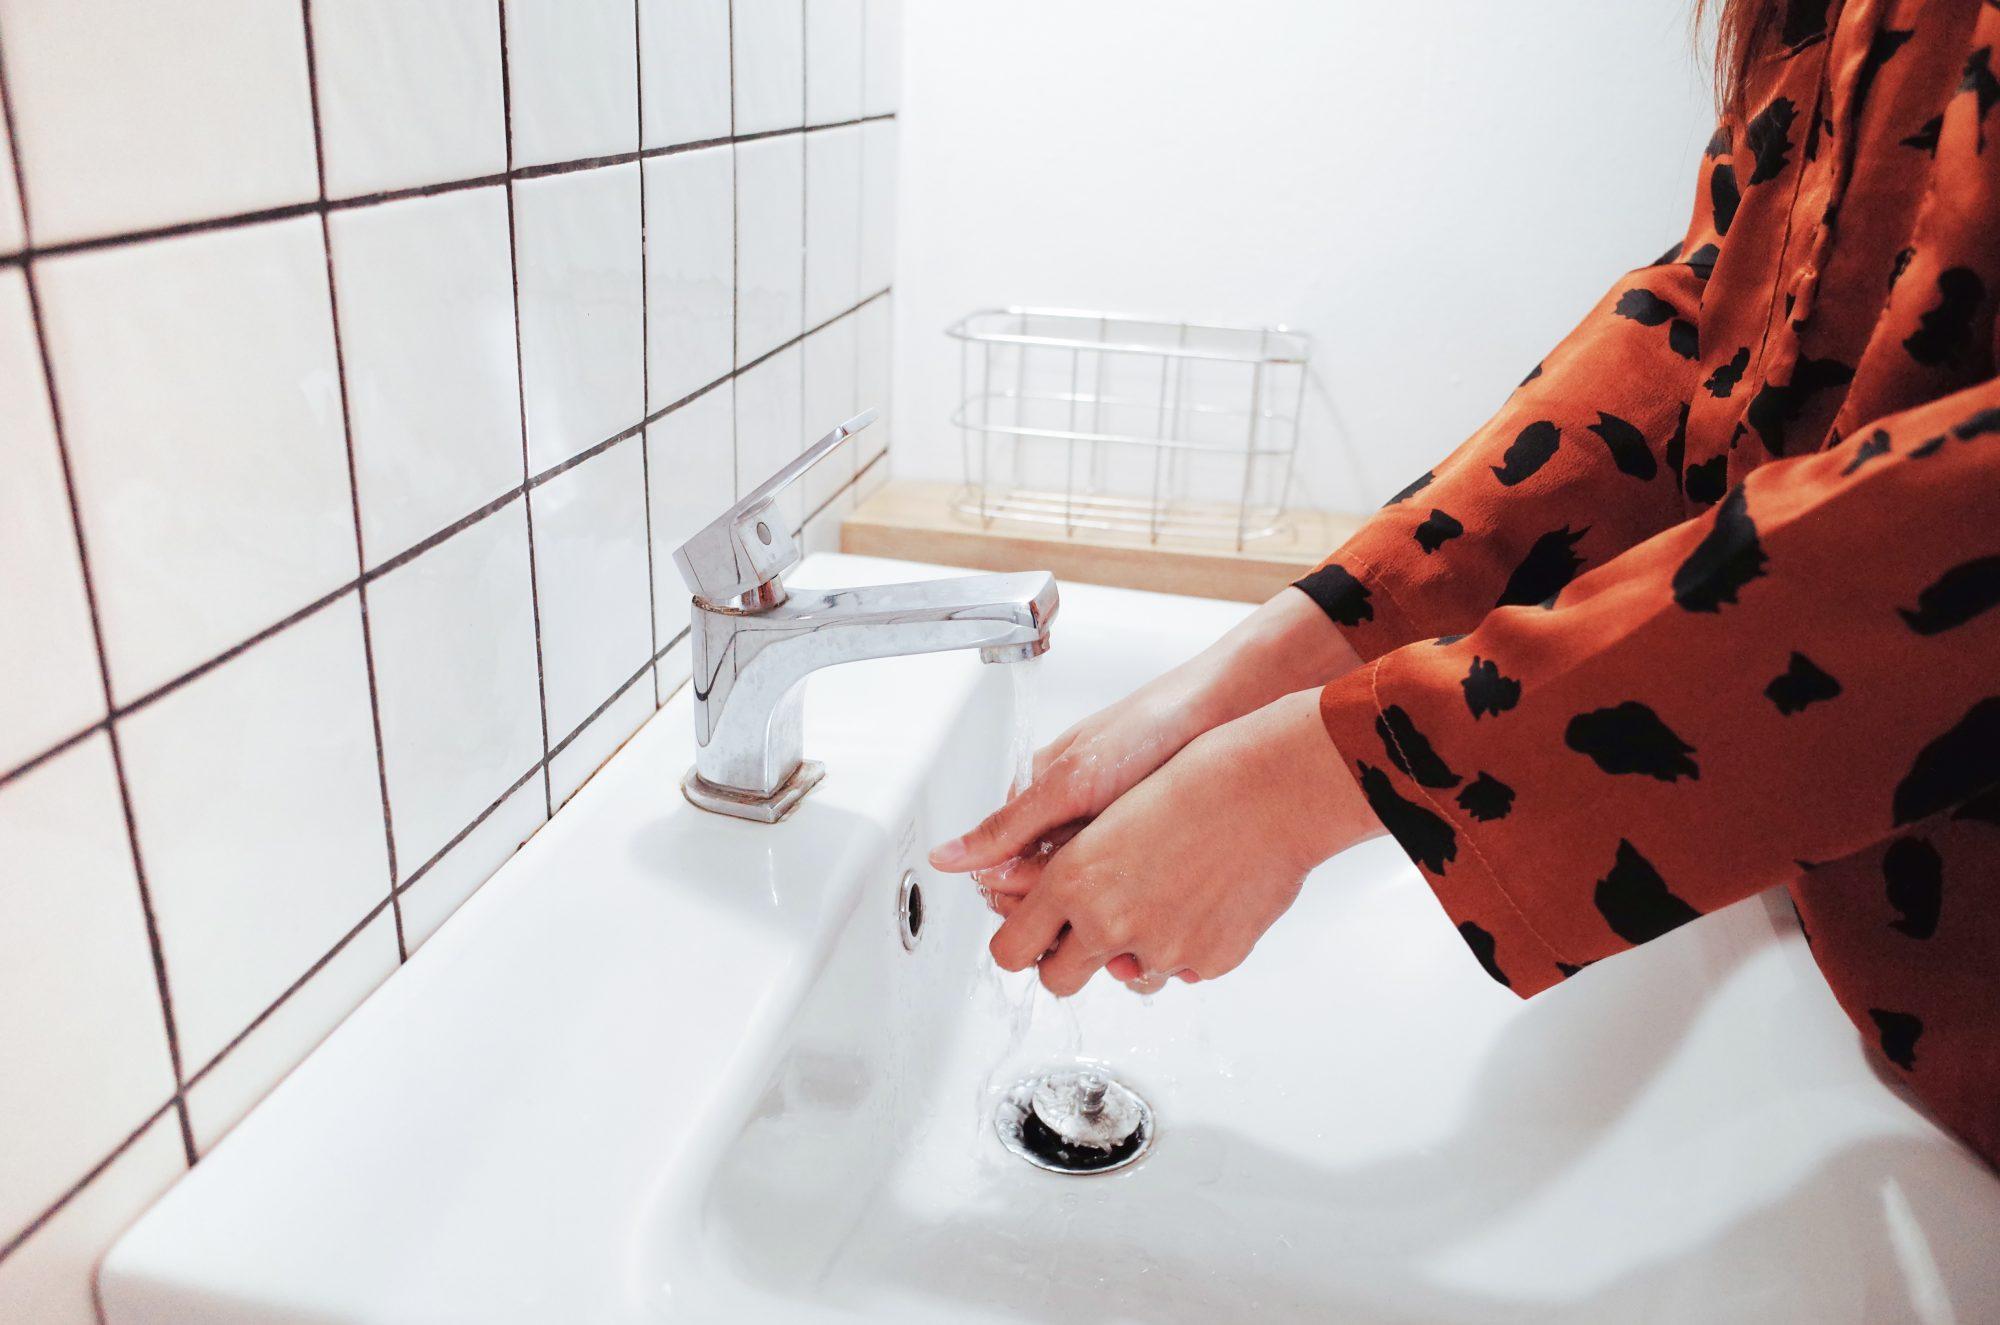 شستن زیاد دست ها: توصیه های متخصص برای افرادی که حساسیت پوستی دارند